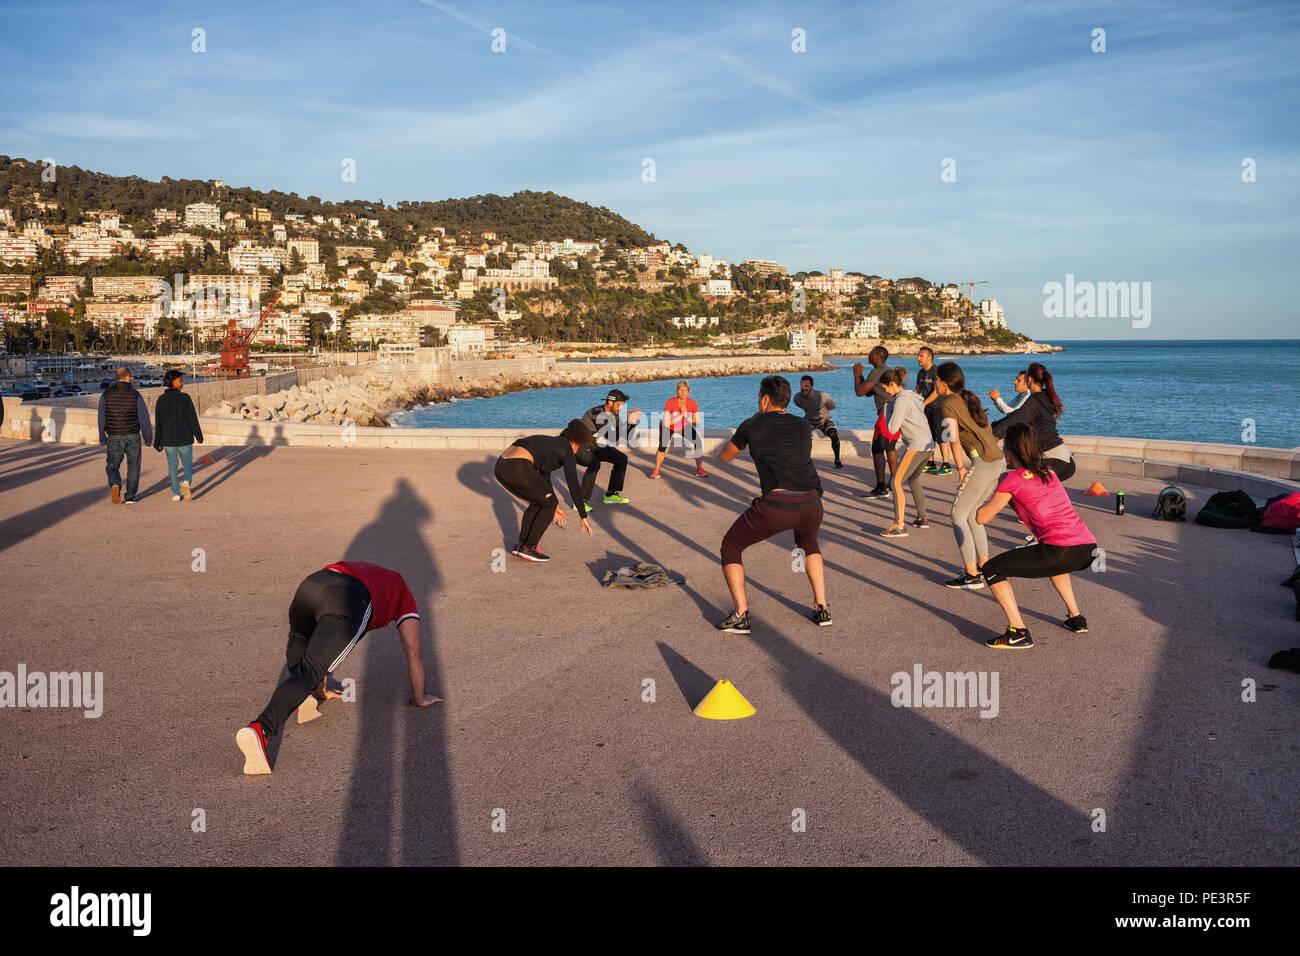 Personnes dans une classe d'aérobie de la formation sur la promenade en front de mer dans la ville de Nice sur la côte d'Azur en France Photo Stock